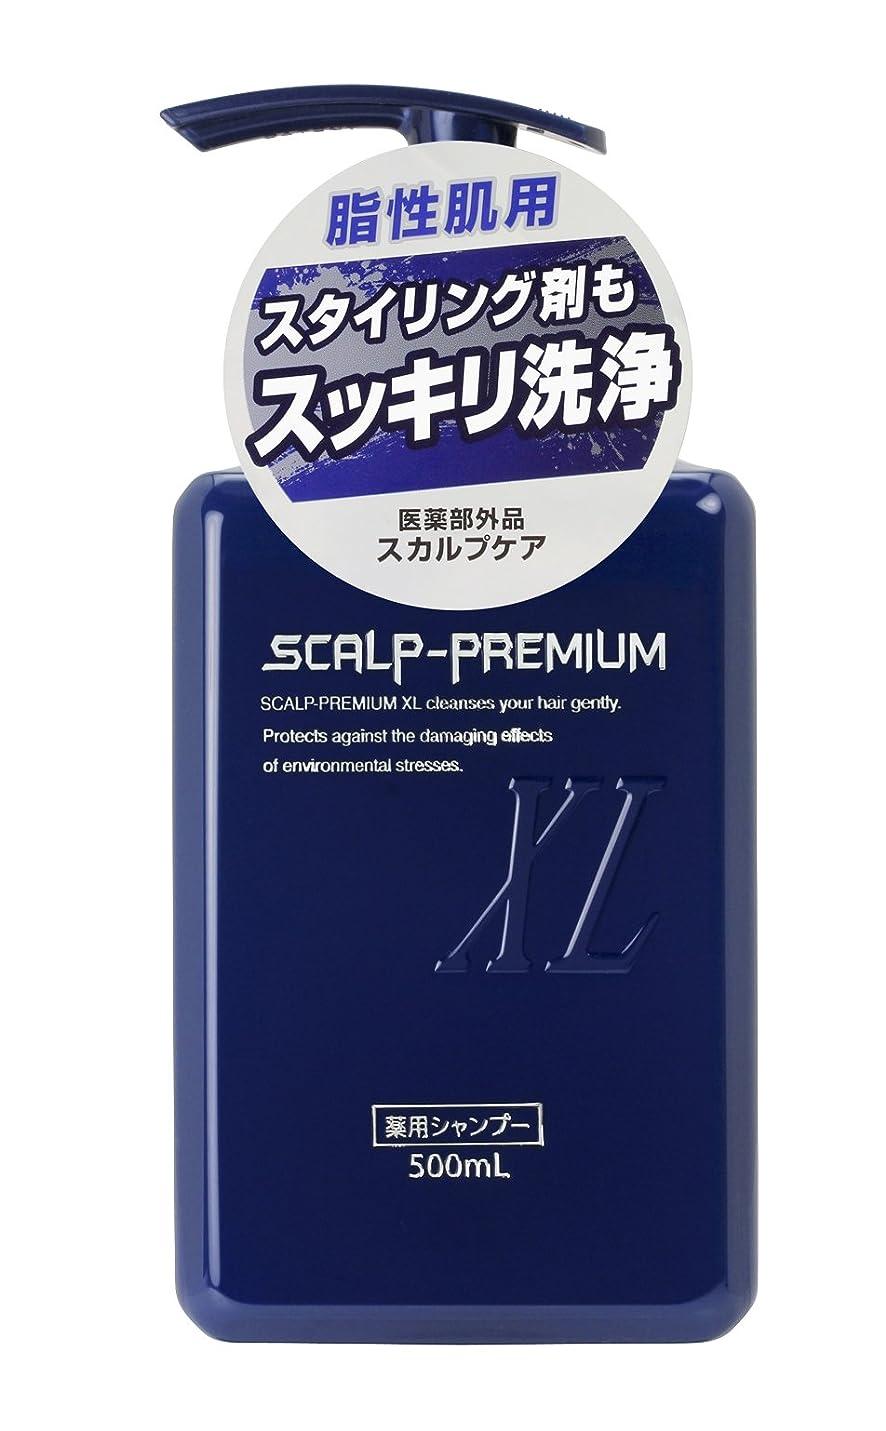 悲しいことに期限切れインフルエンザ【脂性肌用】スカルププレミアムXL 薬用シャンプー